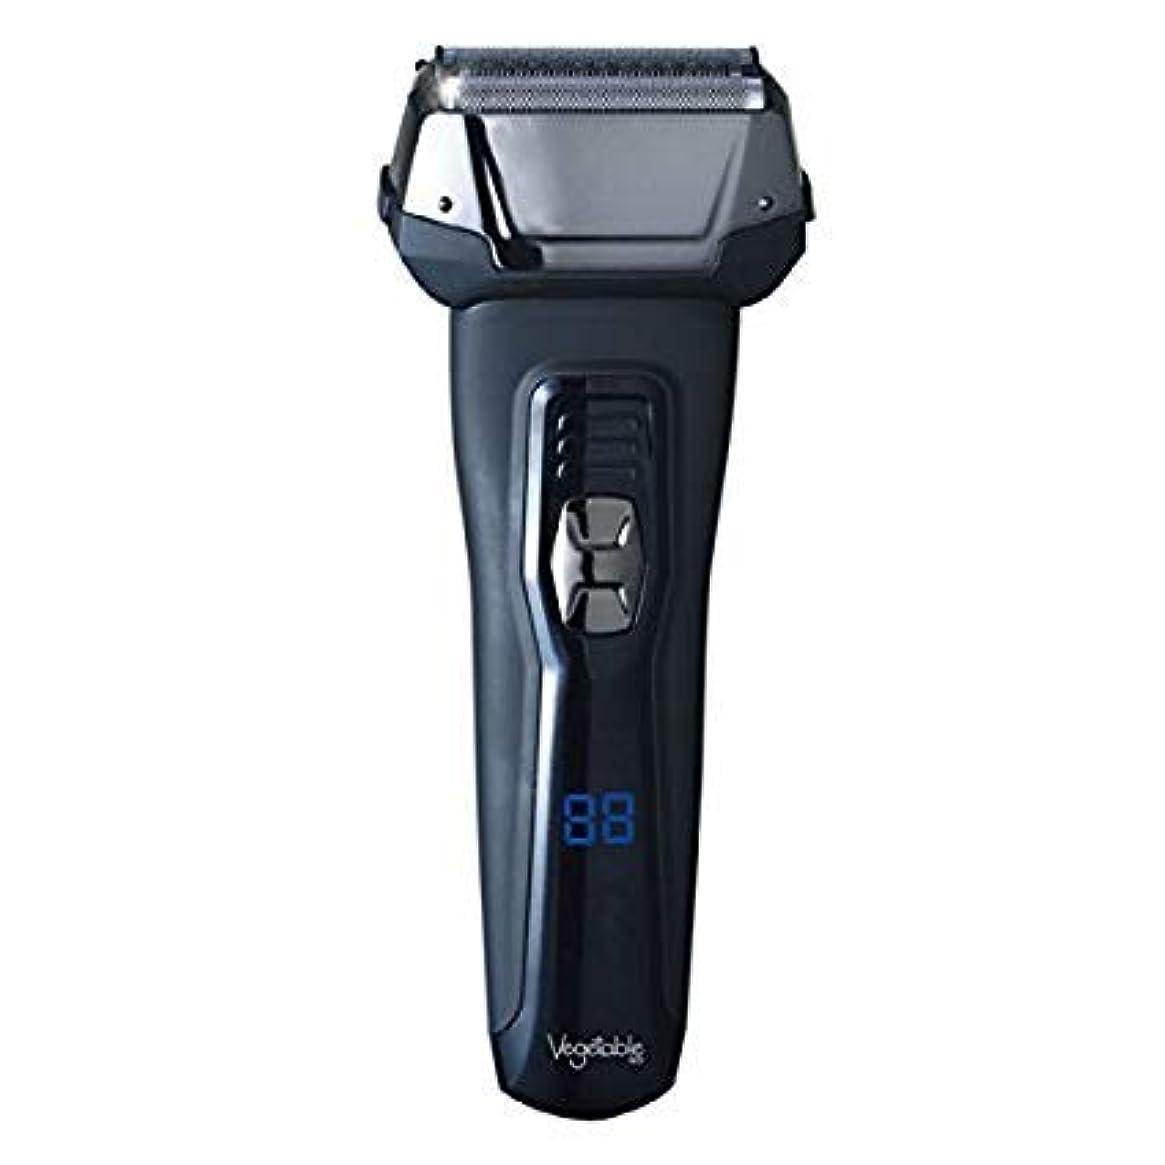 備品鉛ワーディアンケース髭剃り 電気シェーバー Vegetable 3枚刃 充電交流式ウォッシャブルデジタルシェーバー GD-S307D